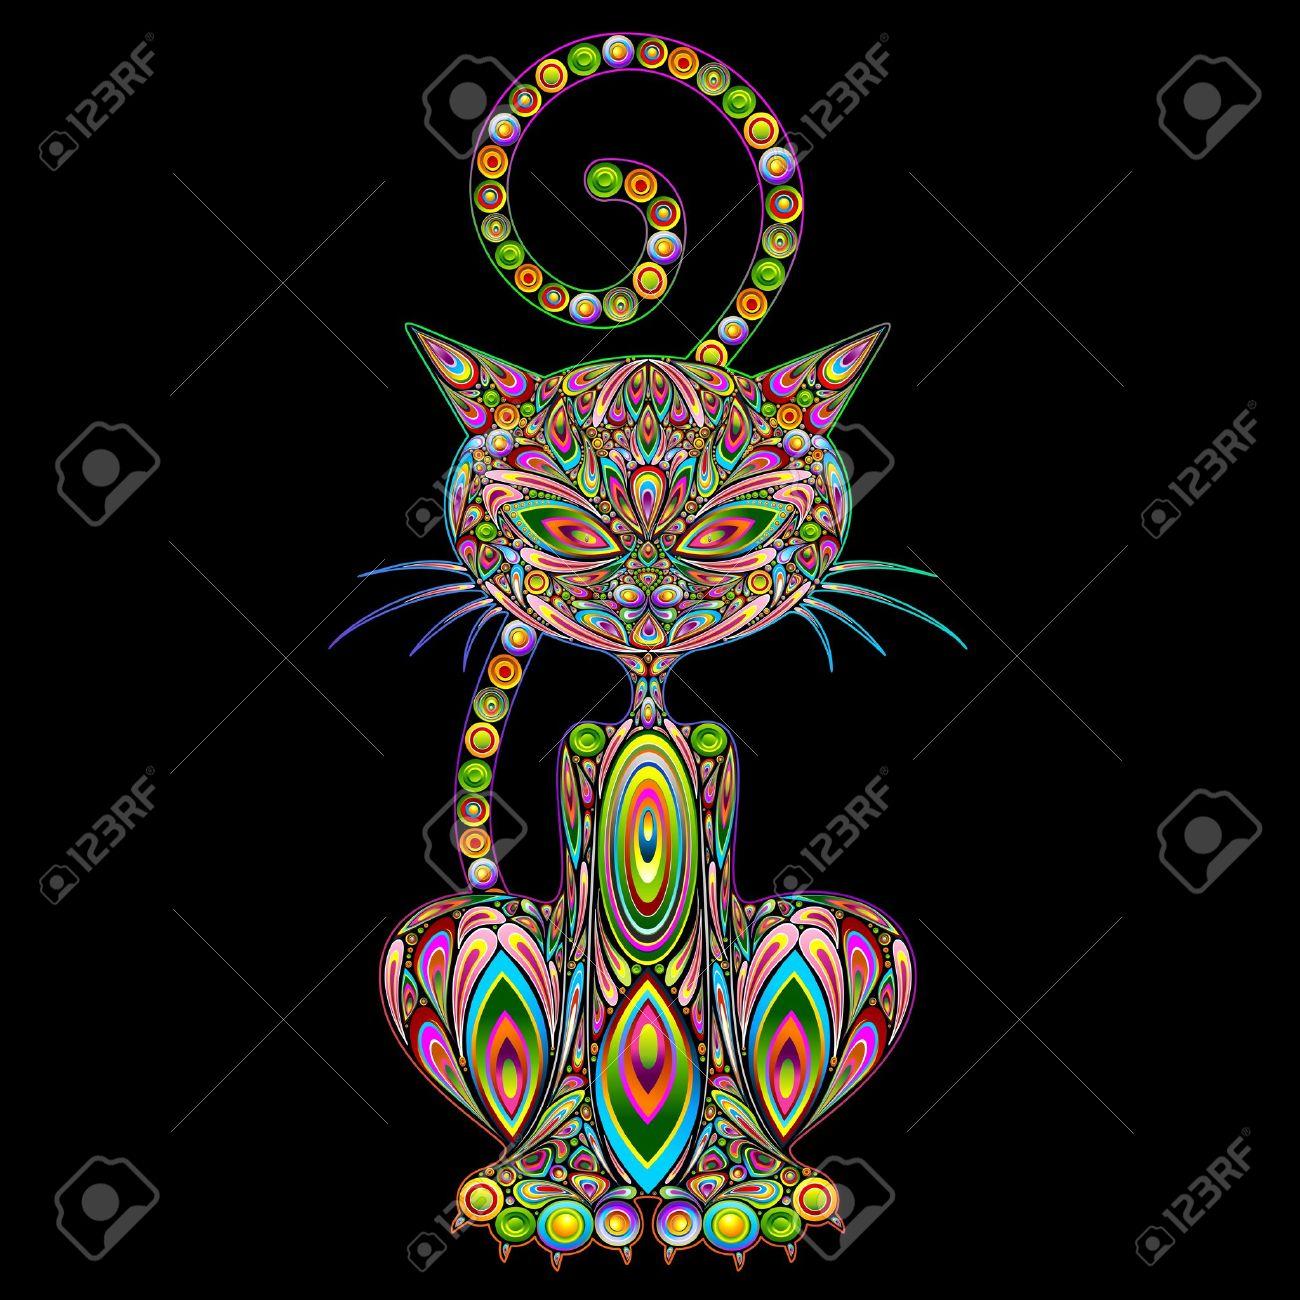 Cat Psychedelic Art Design Stock Vector - 21299335